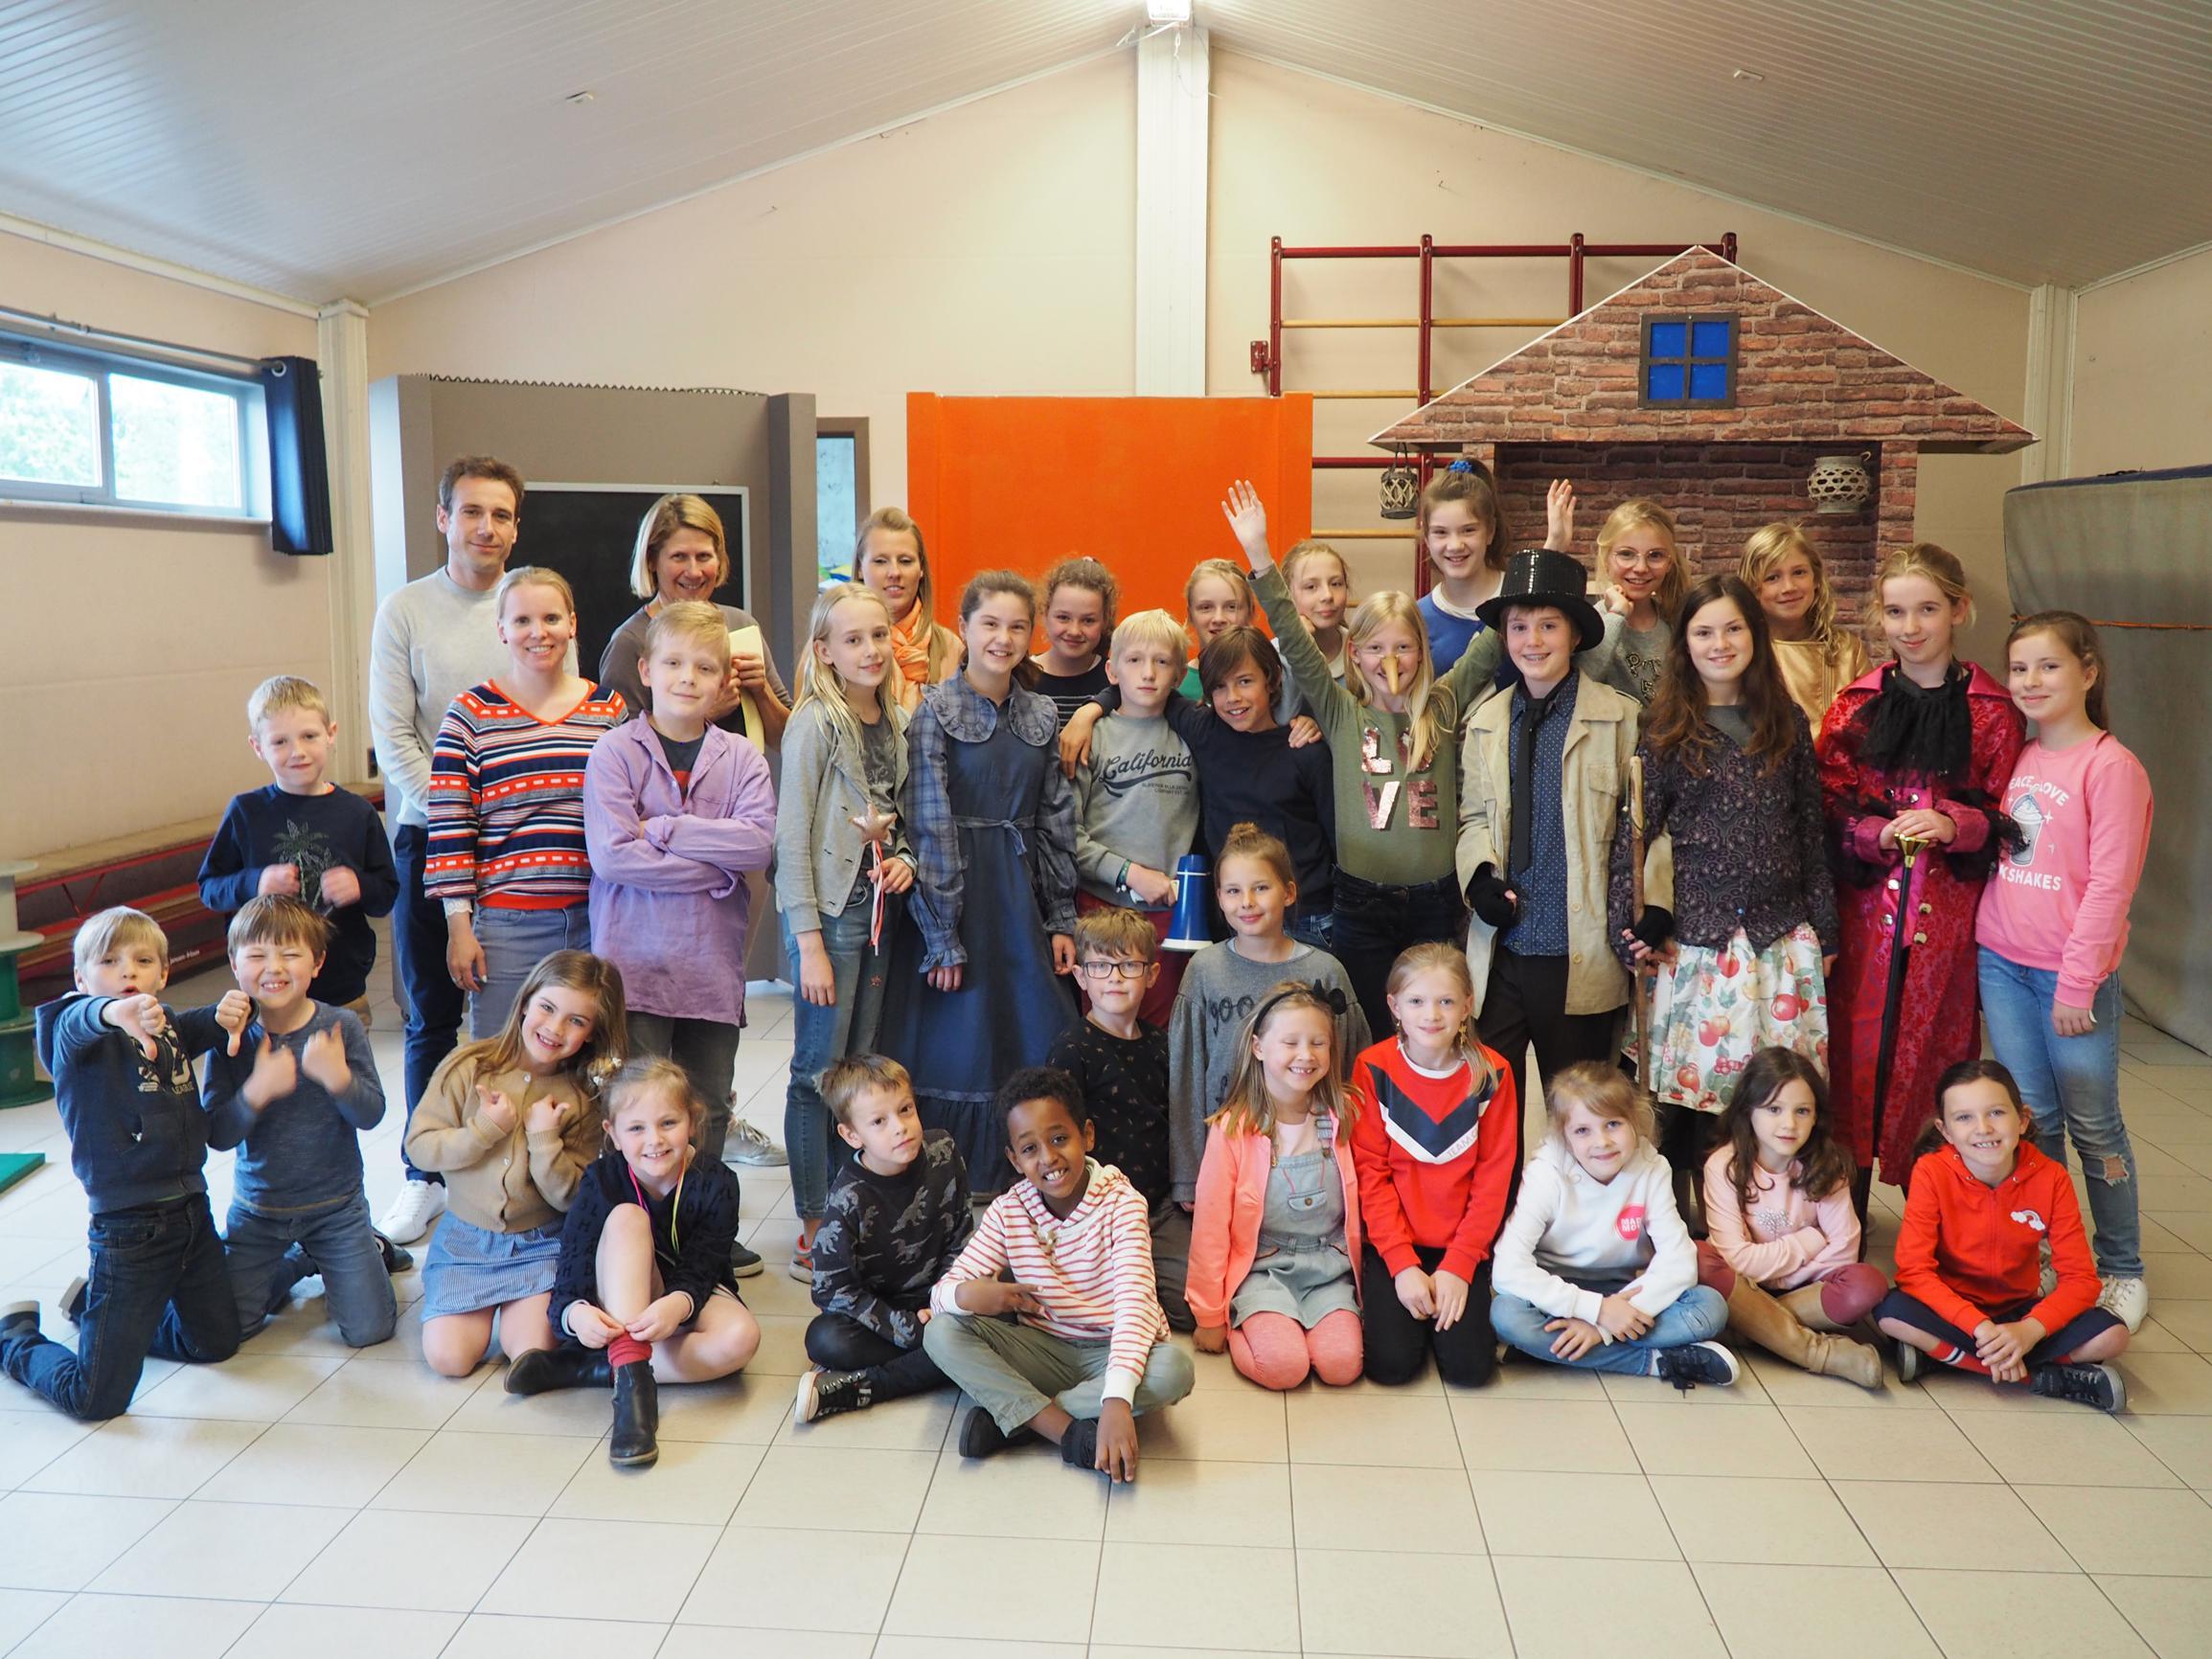 Leerlingen Van Vrije Basisschool Blazen 'Pinokkio' Nieuw